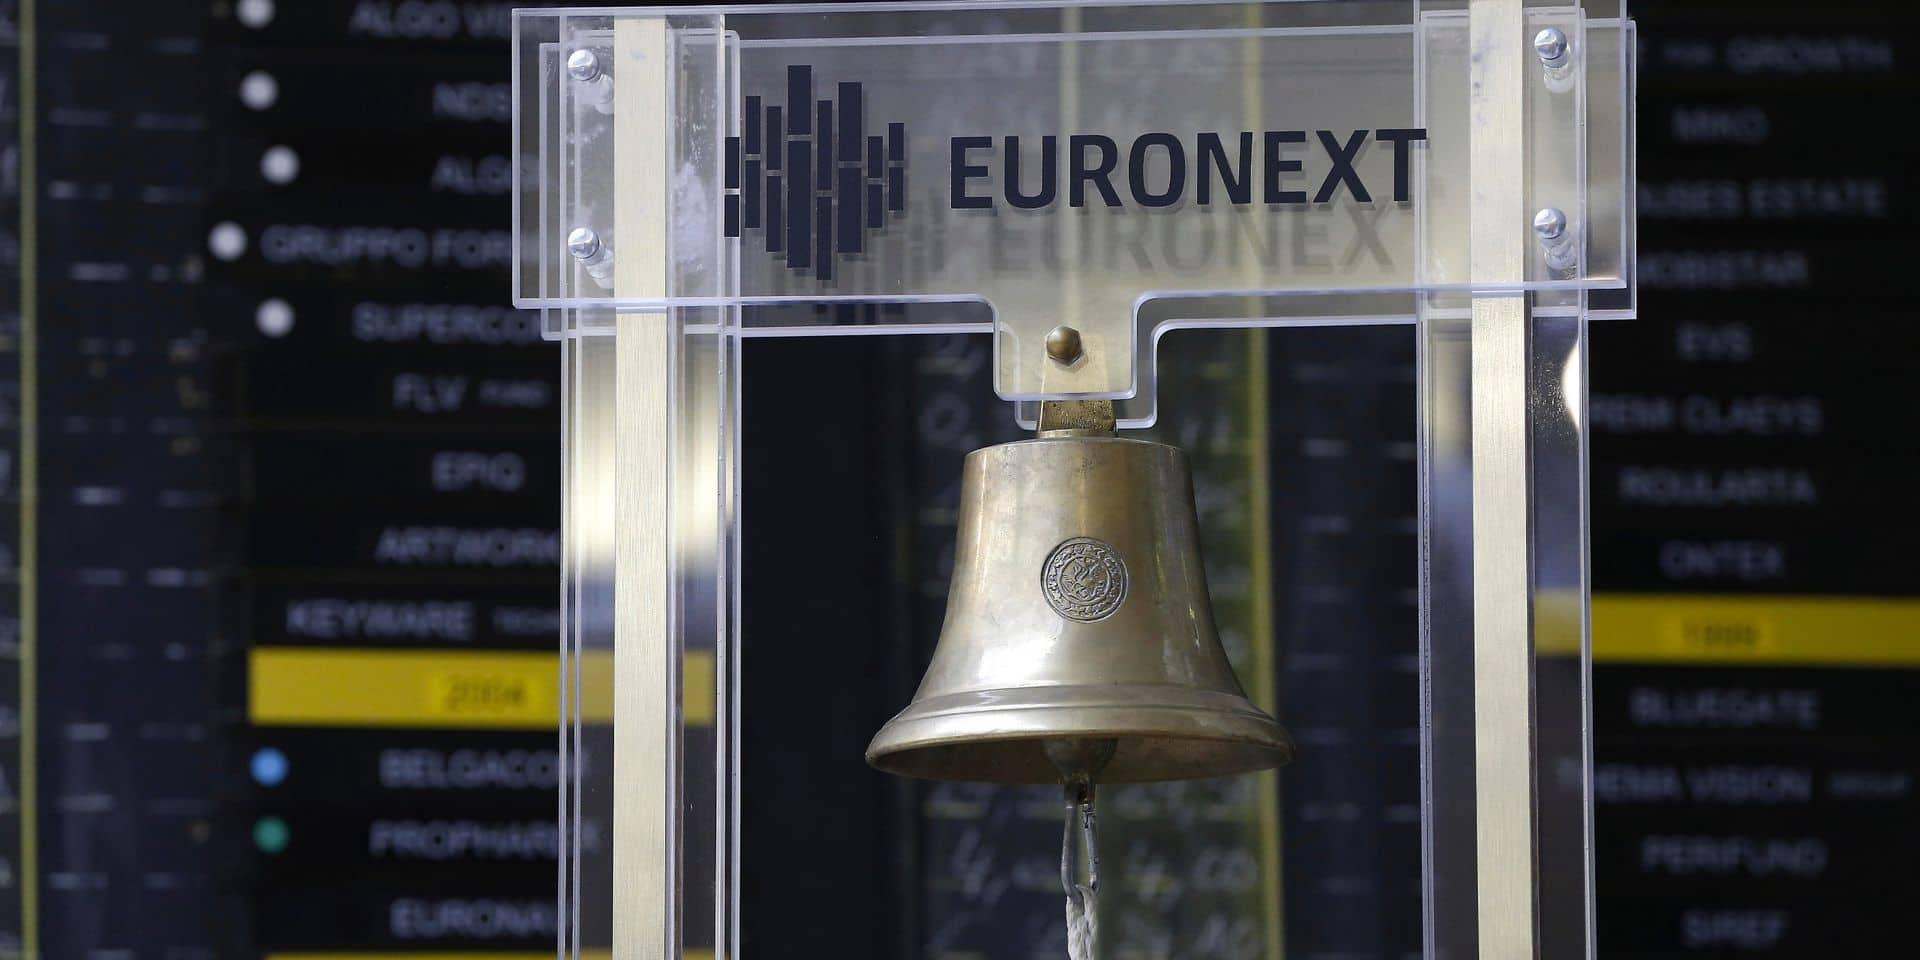 Les Bourses européennes clôturent dans le vert, le BEL 20 repasse au-dessus des 3.400 points